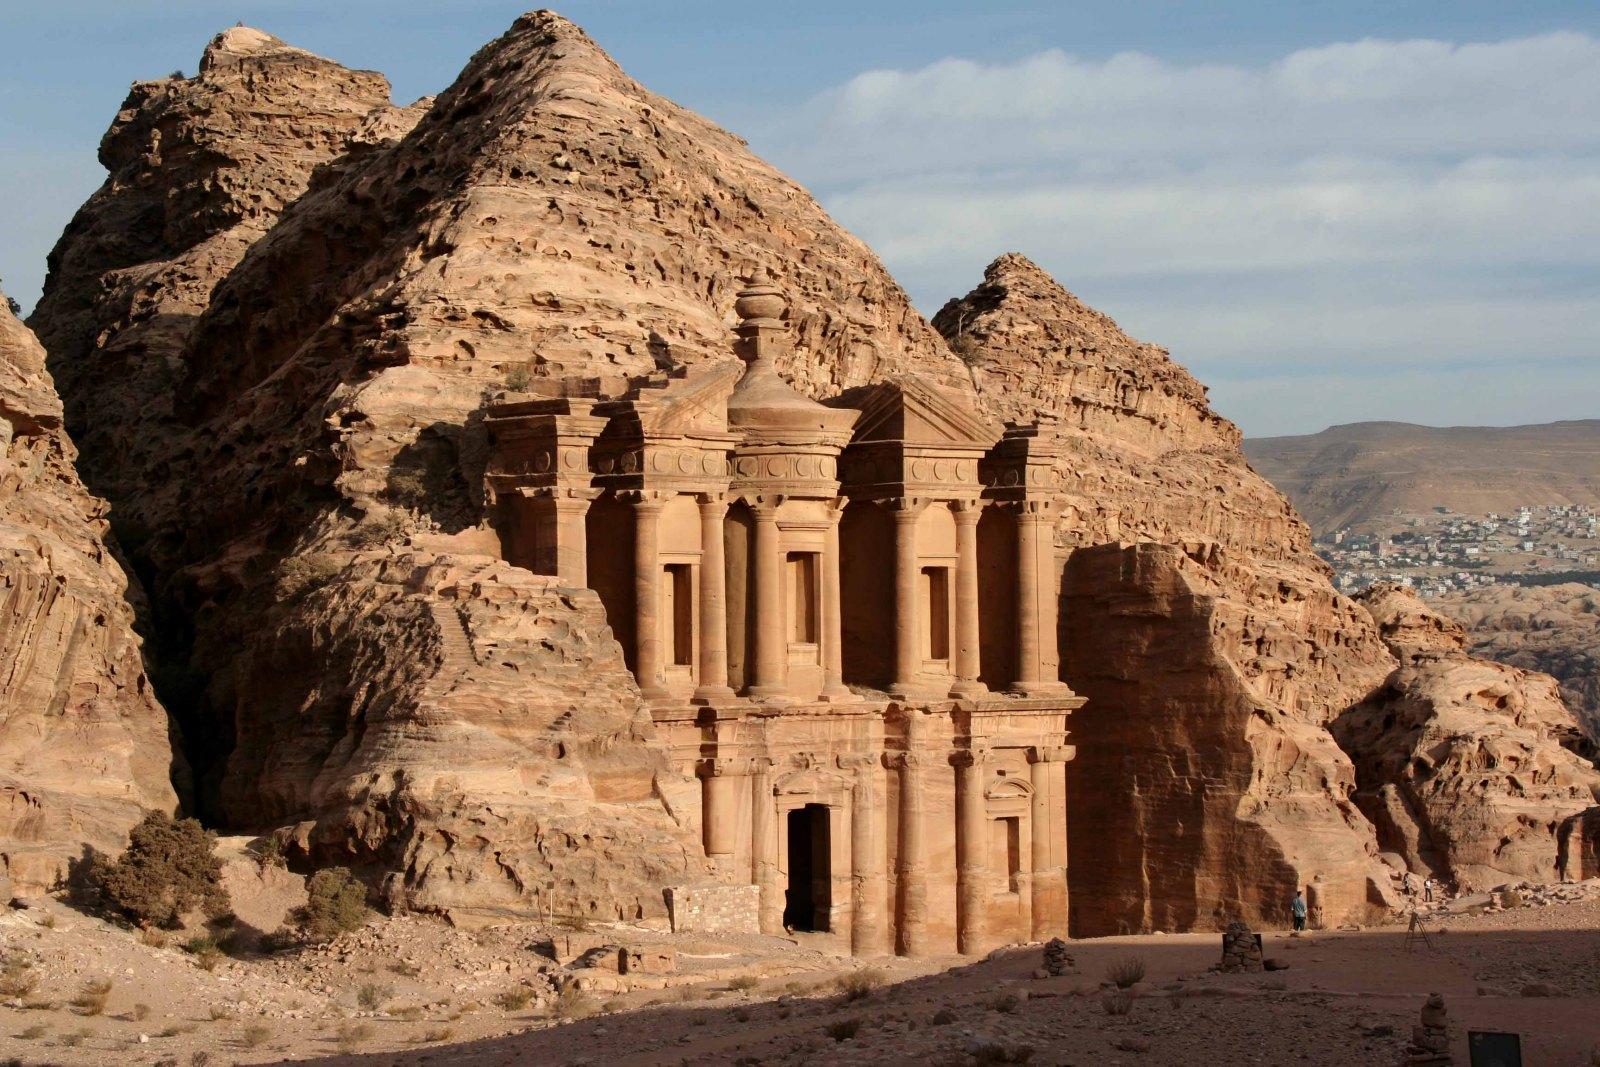 Grande castelo de Petra, na Jordânia.